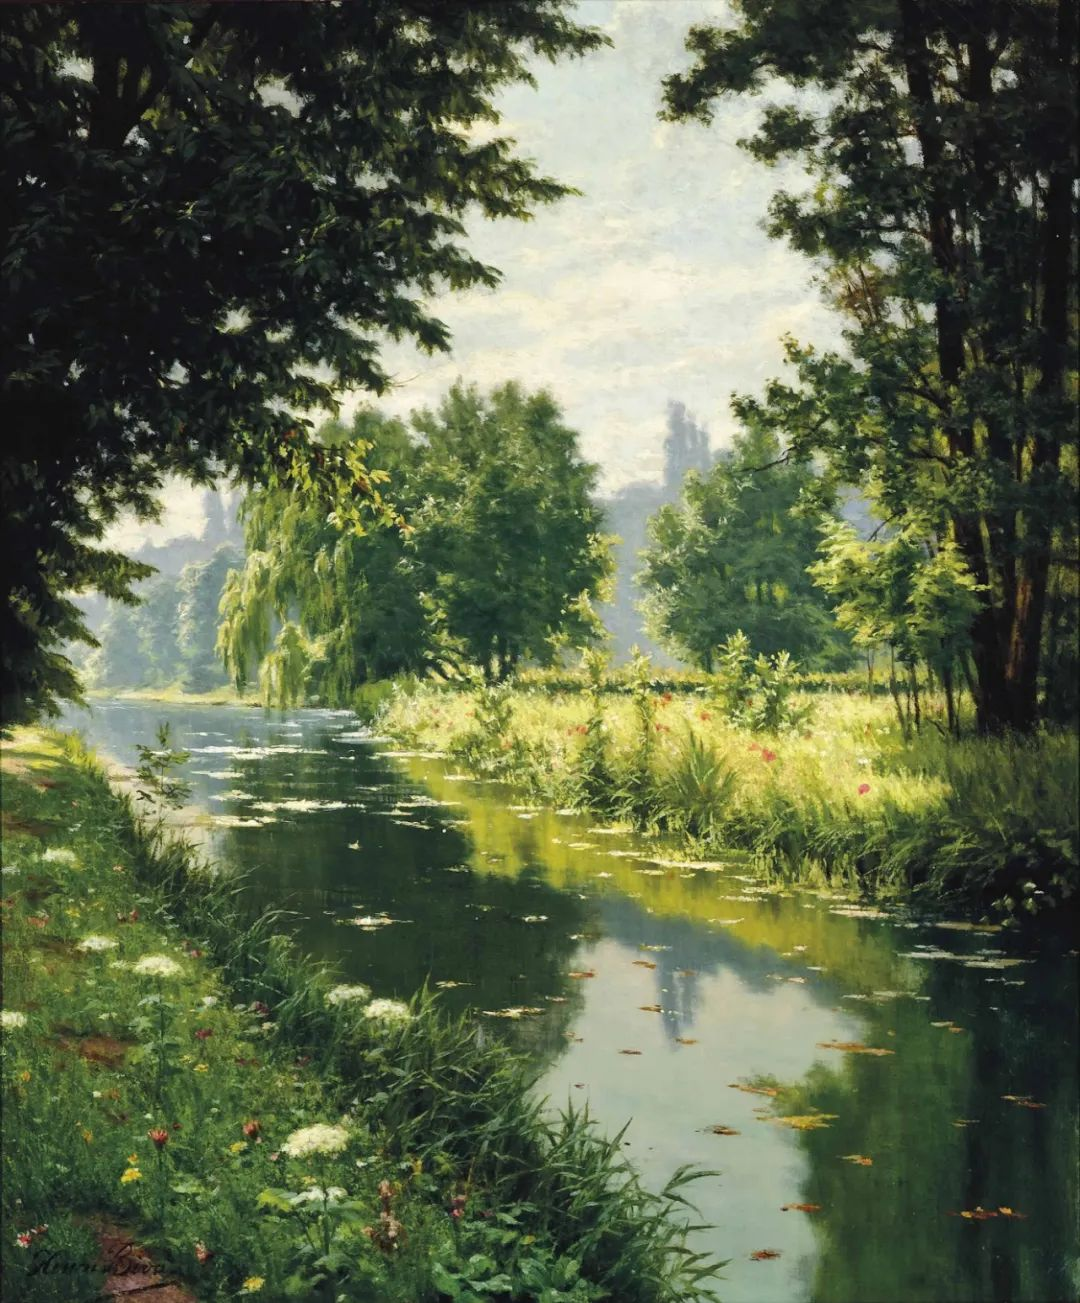 风景油画丨法国画家亨利·比瓦的风景油画作品插图15